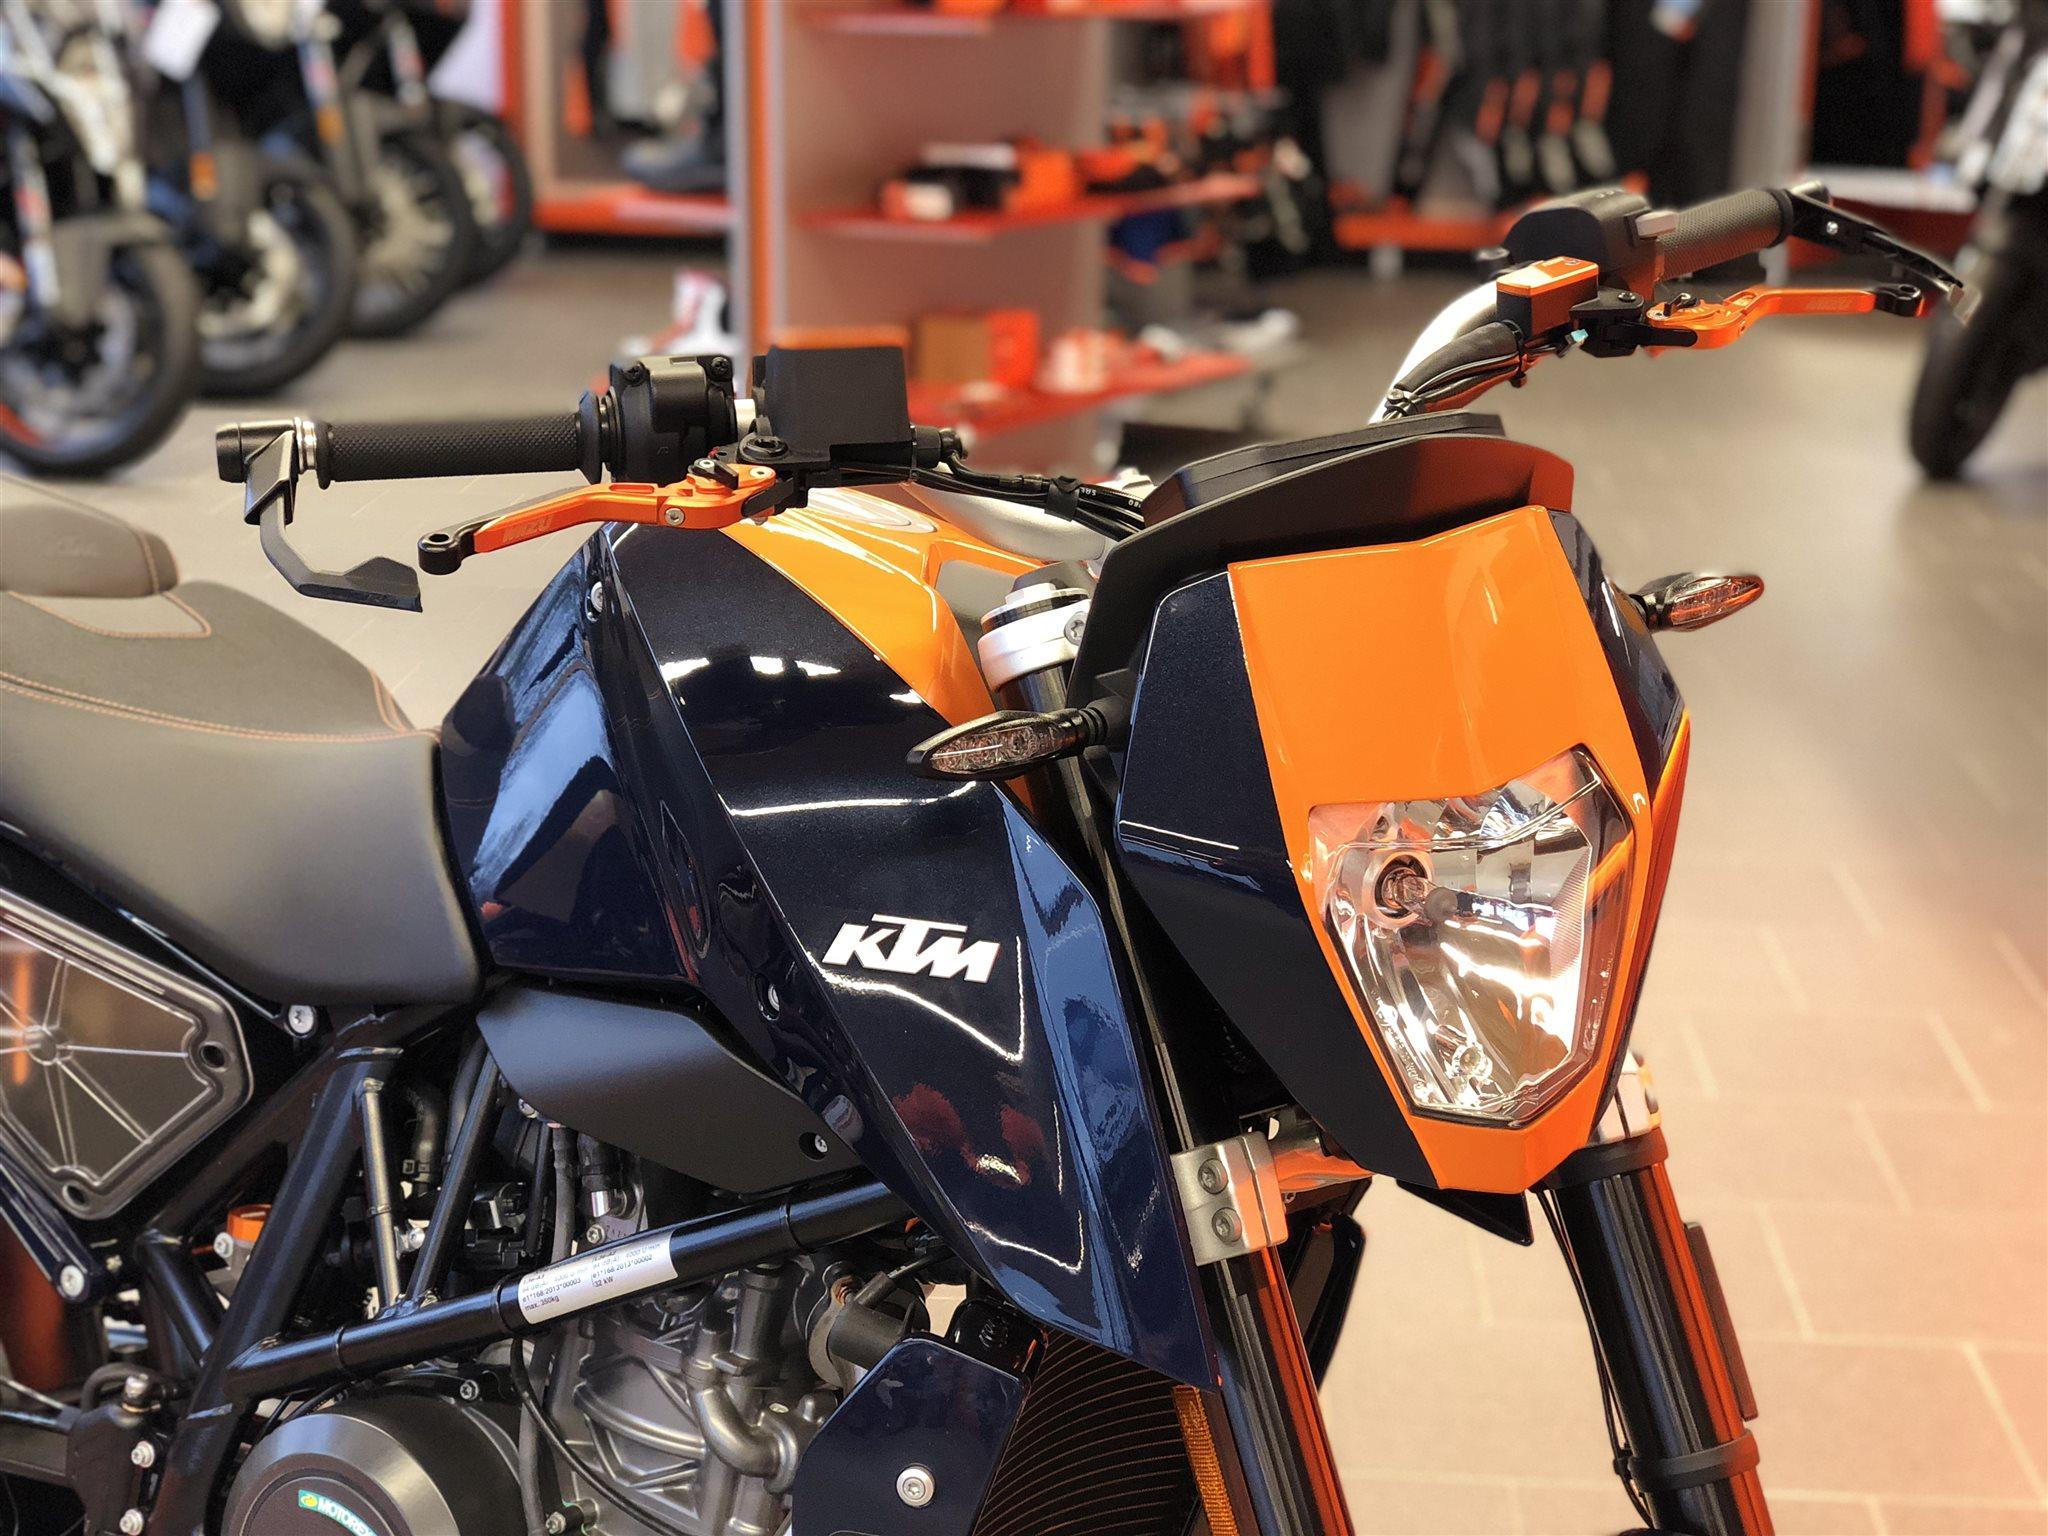 details zum custom bike ktm 690 duke des h ndlers biker s. Black Bedroom Furniture Sets. Home Design Ideas